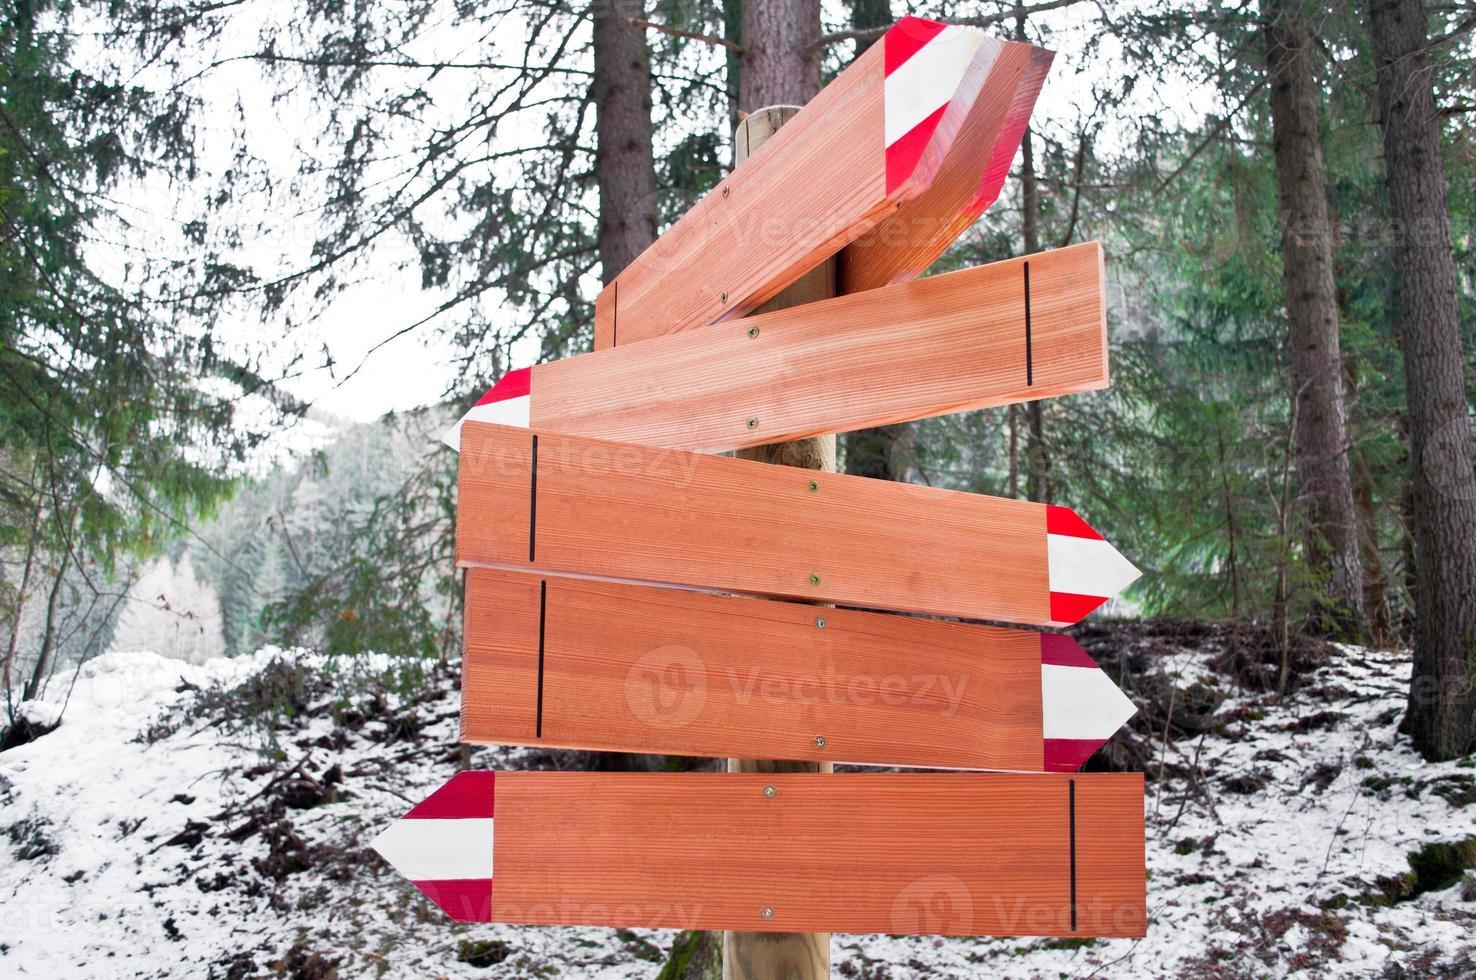 pijl manier houten markeringen foto